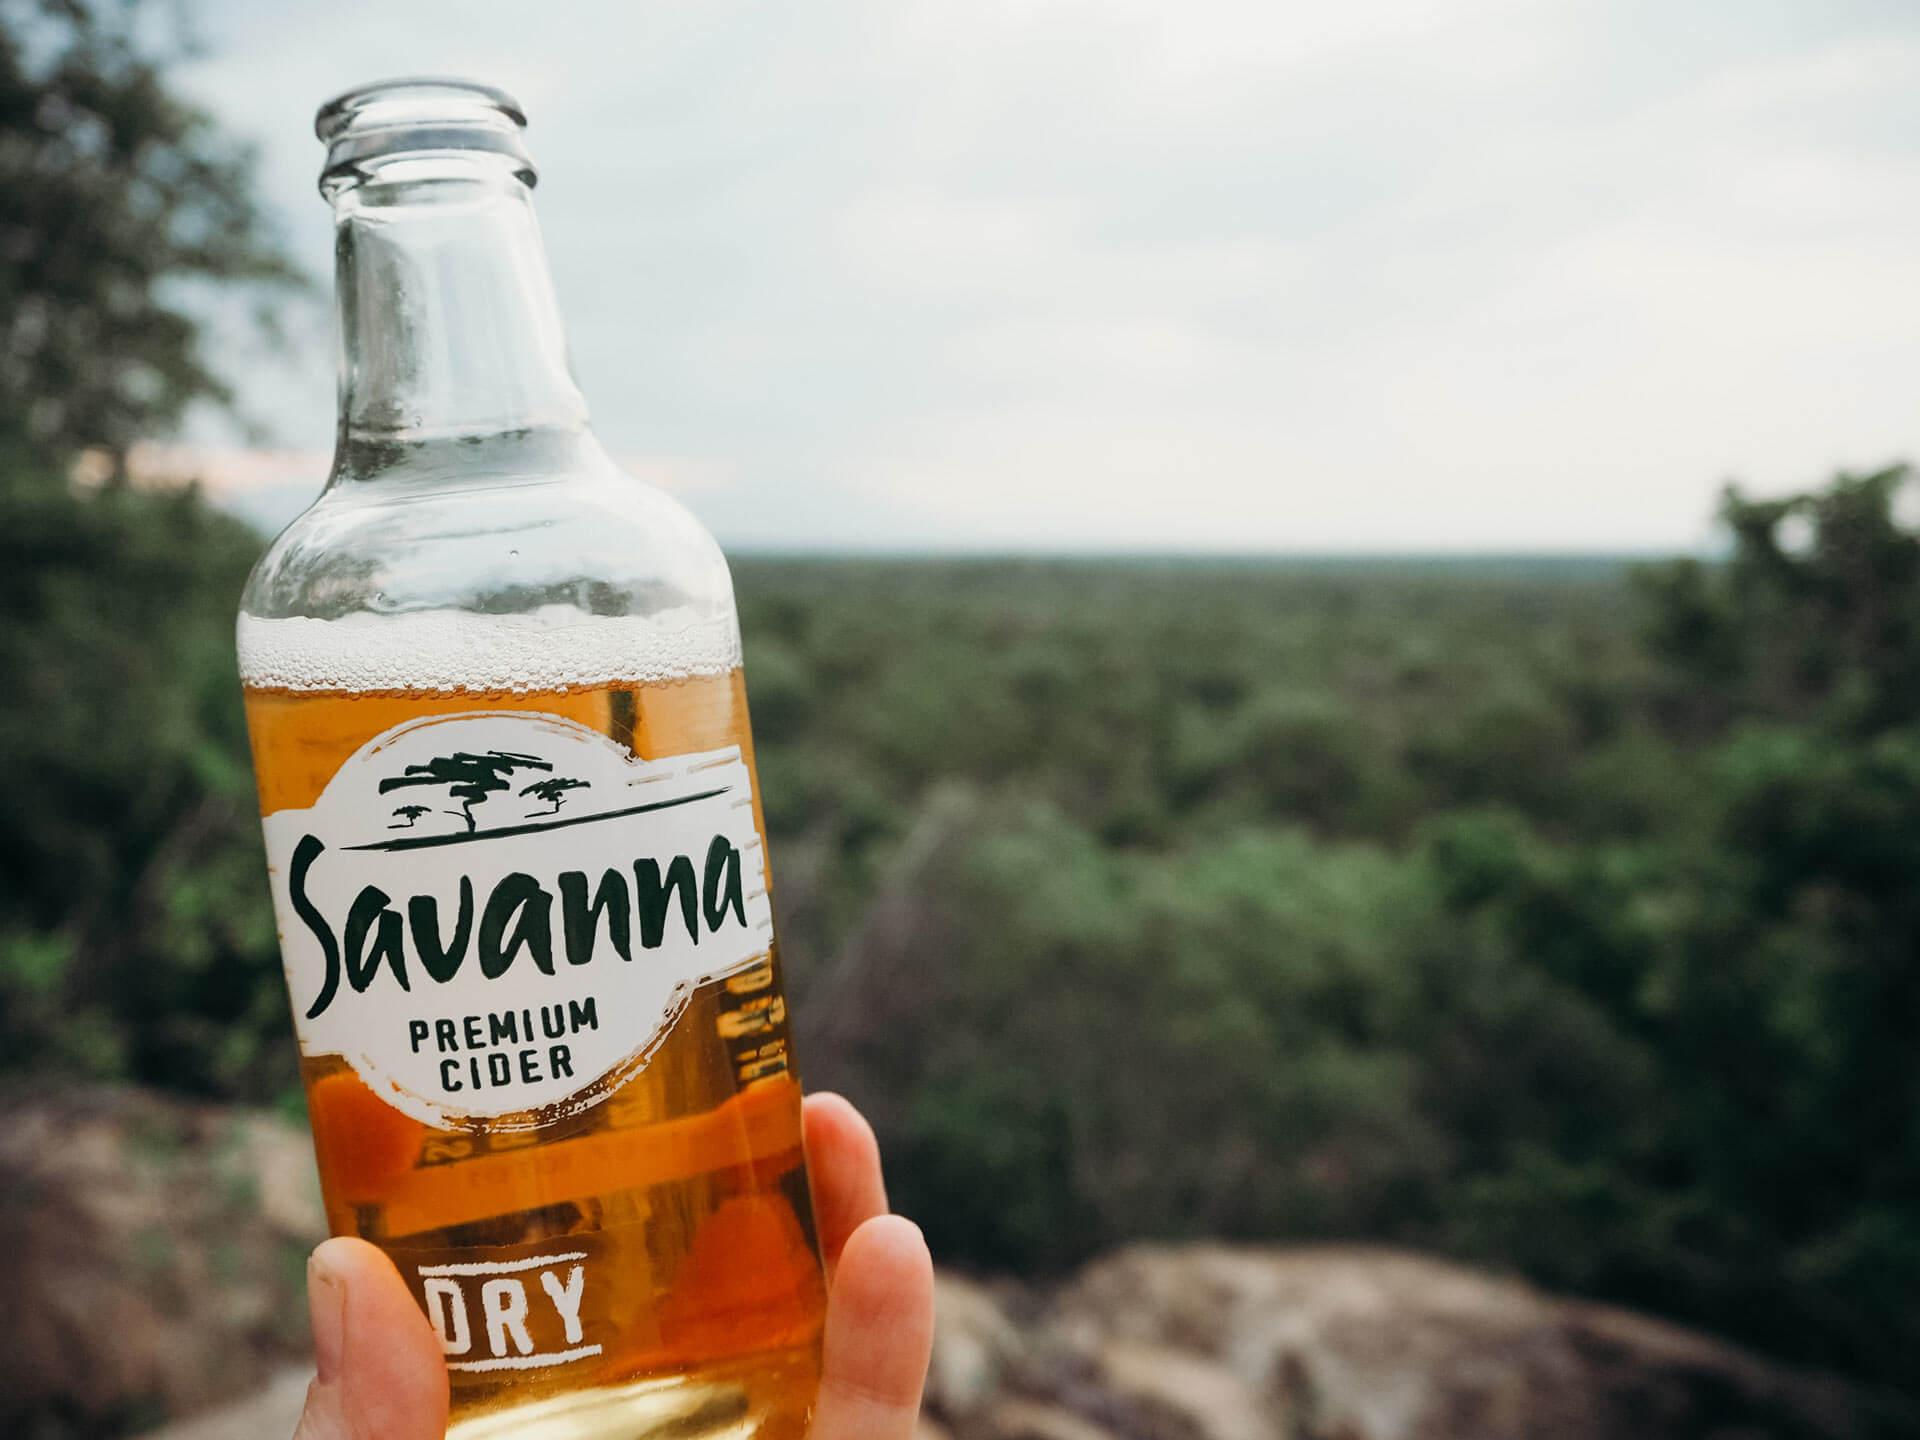 Savanna it is!